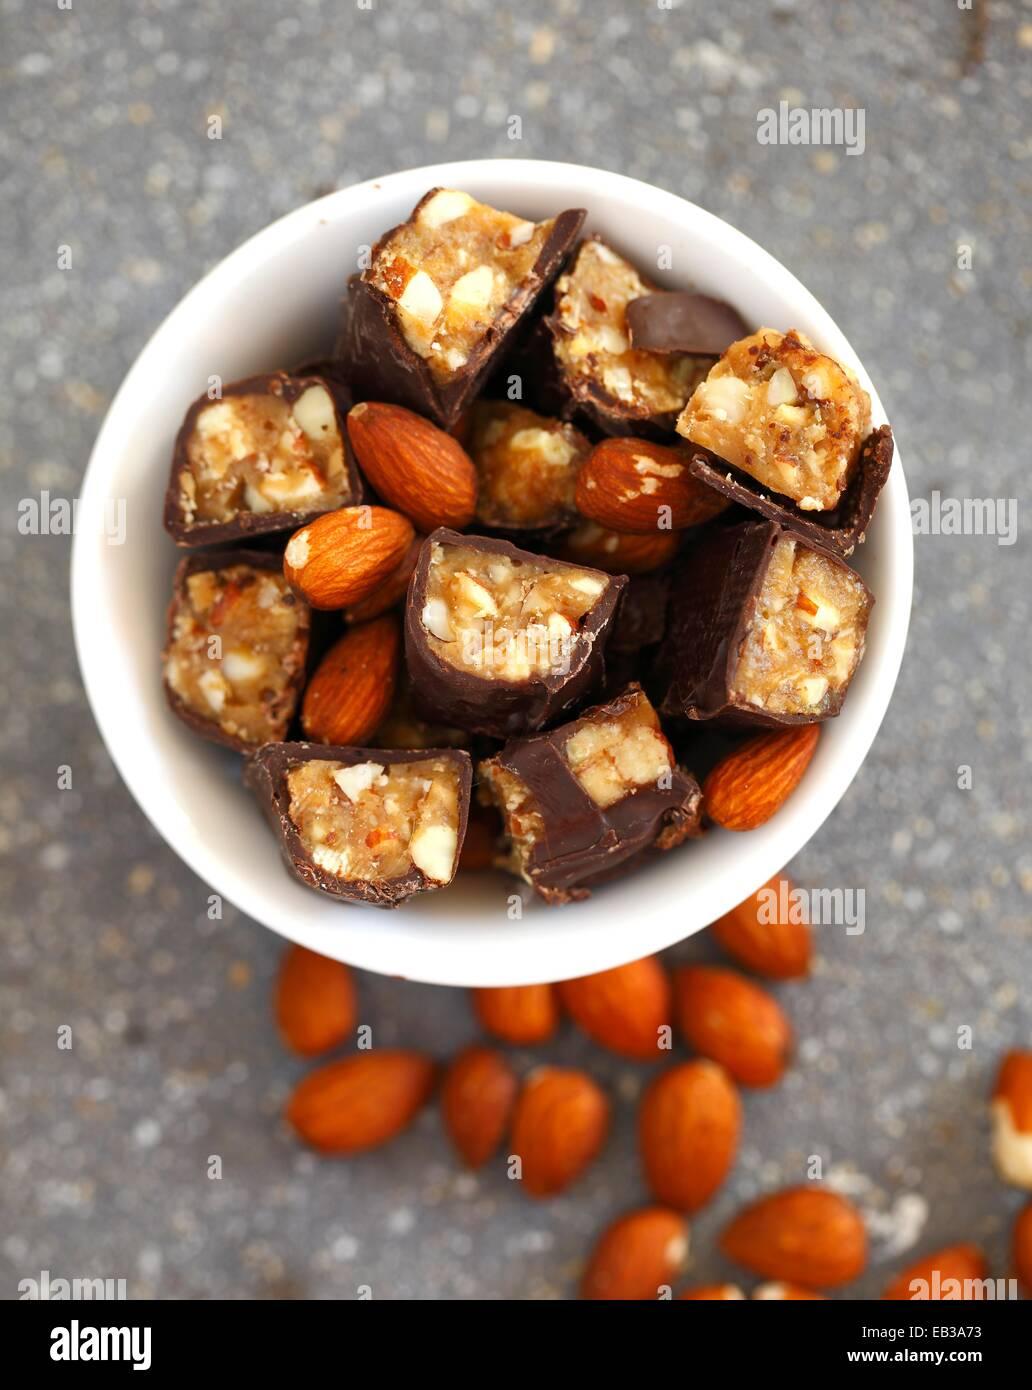 Scatola di cioccolatini barre tagliate a pezzetti miscelati con mandorle intere in porcellana bianca ciotola Immagini Stock